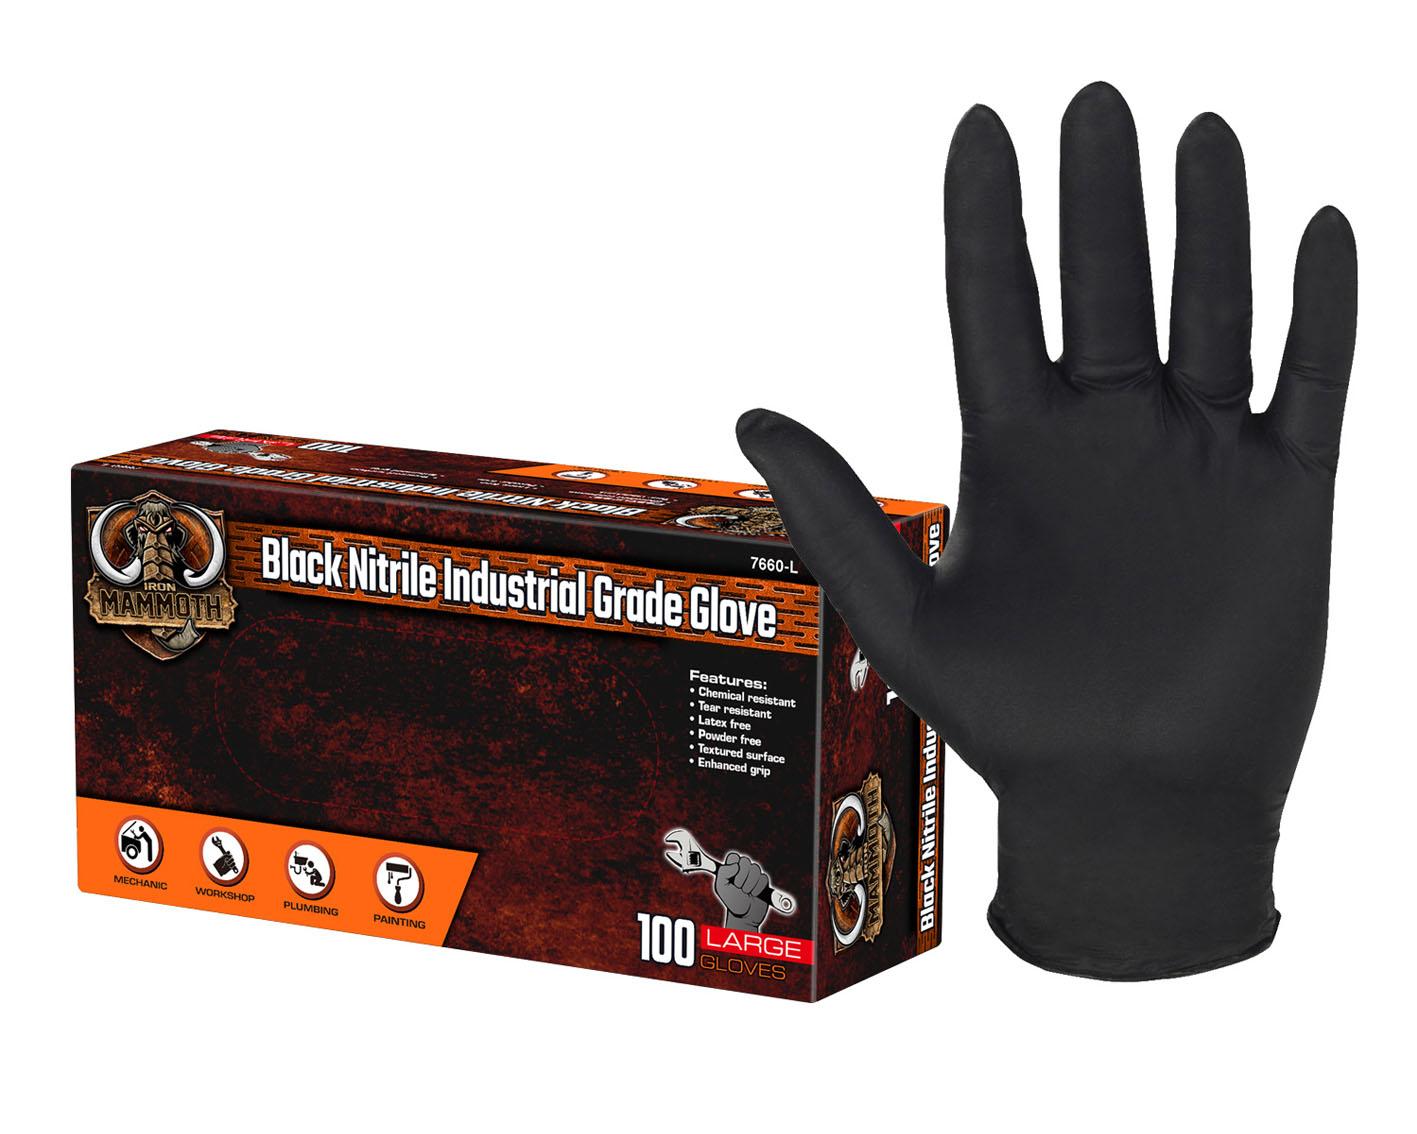 Black Nitrile Industrial Grade Glove